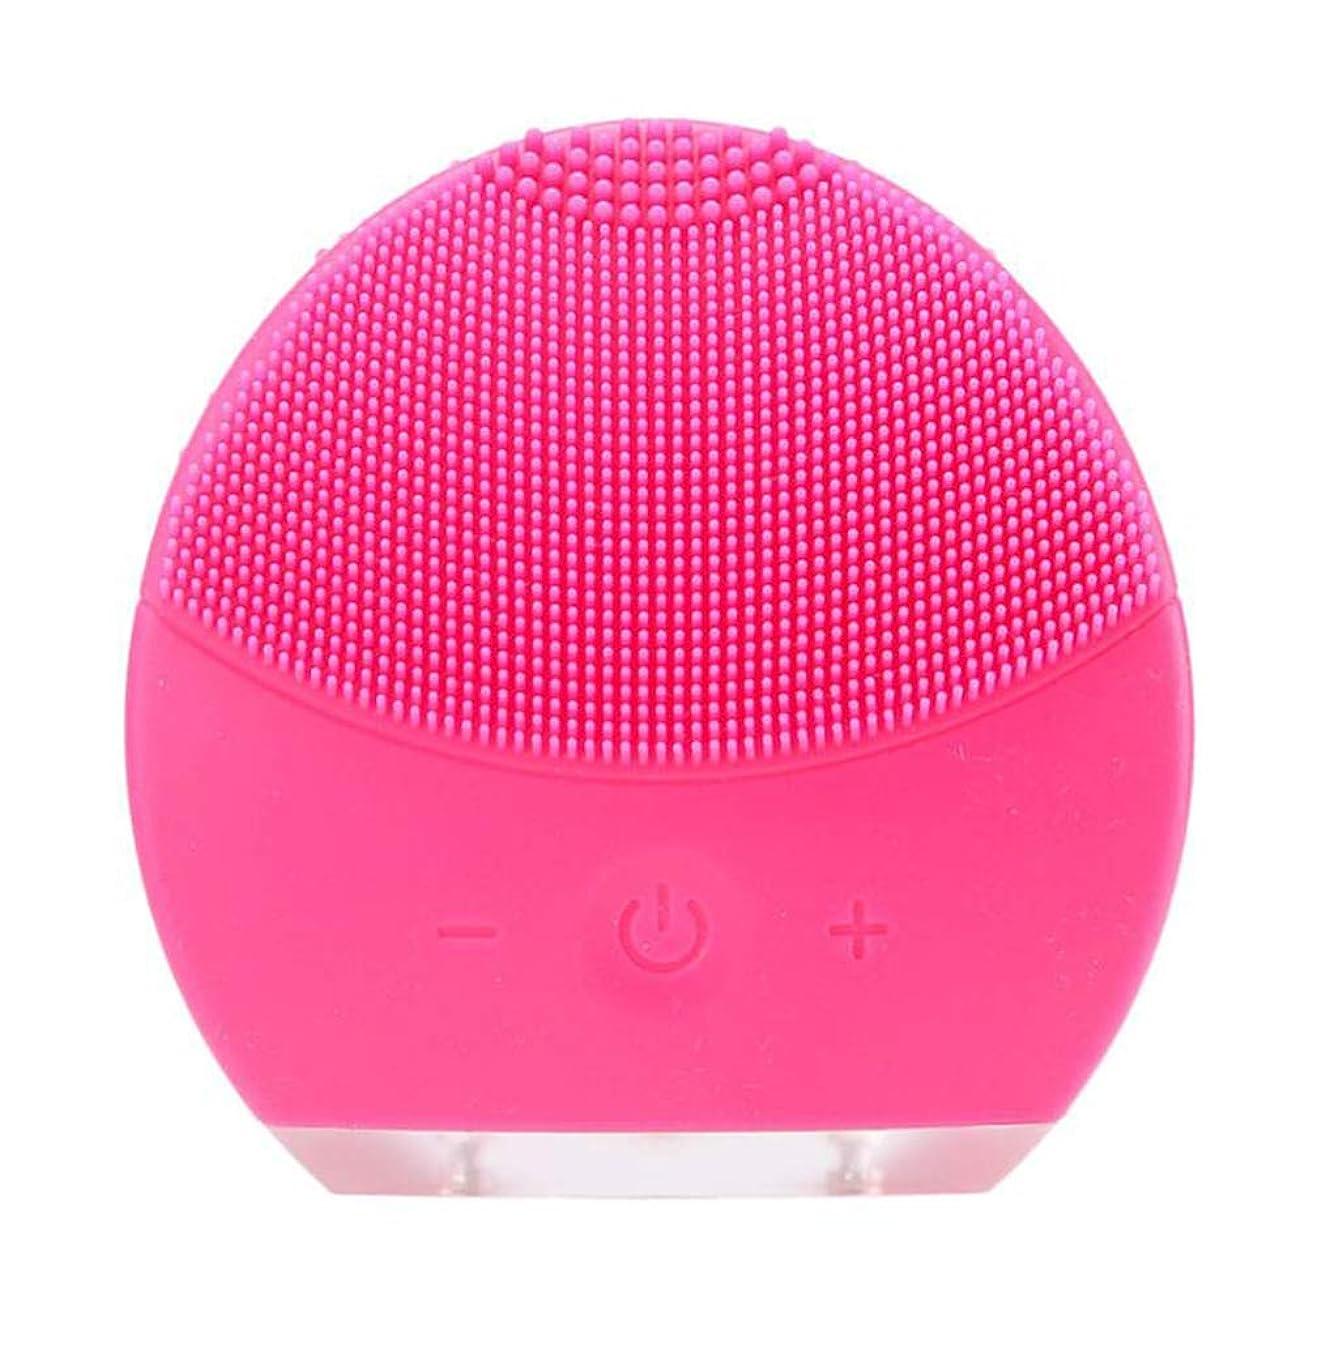 トリプルペインティングたくさんの超音波振動美容機器洗浄器、皮膚の毛穴を最小限に抑えるマイクロダーマブレーション毛穴、USB 充電と防水,Rosered